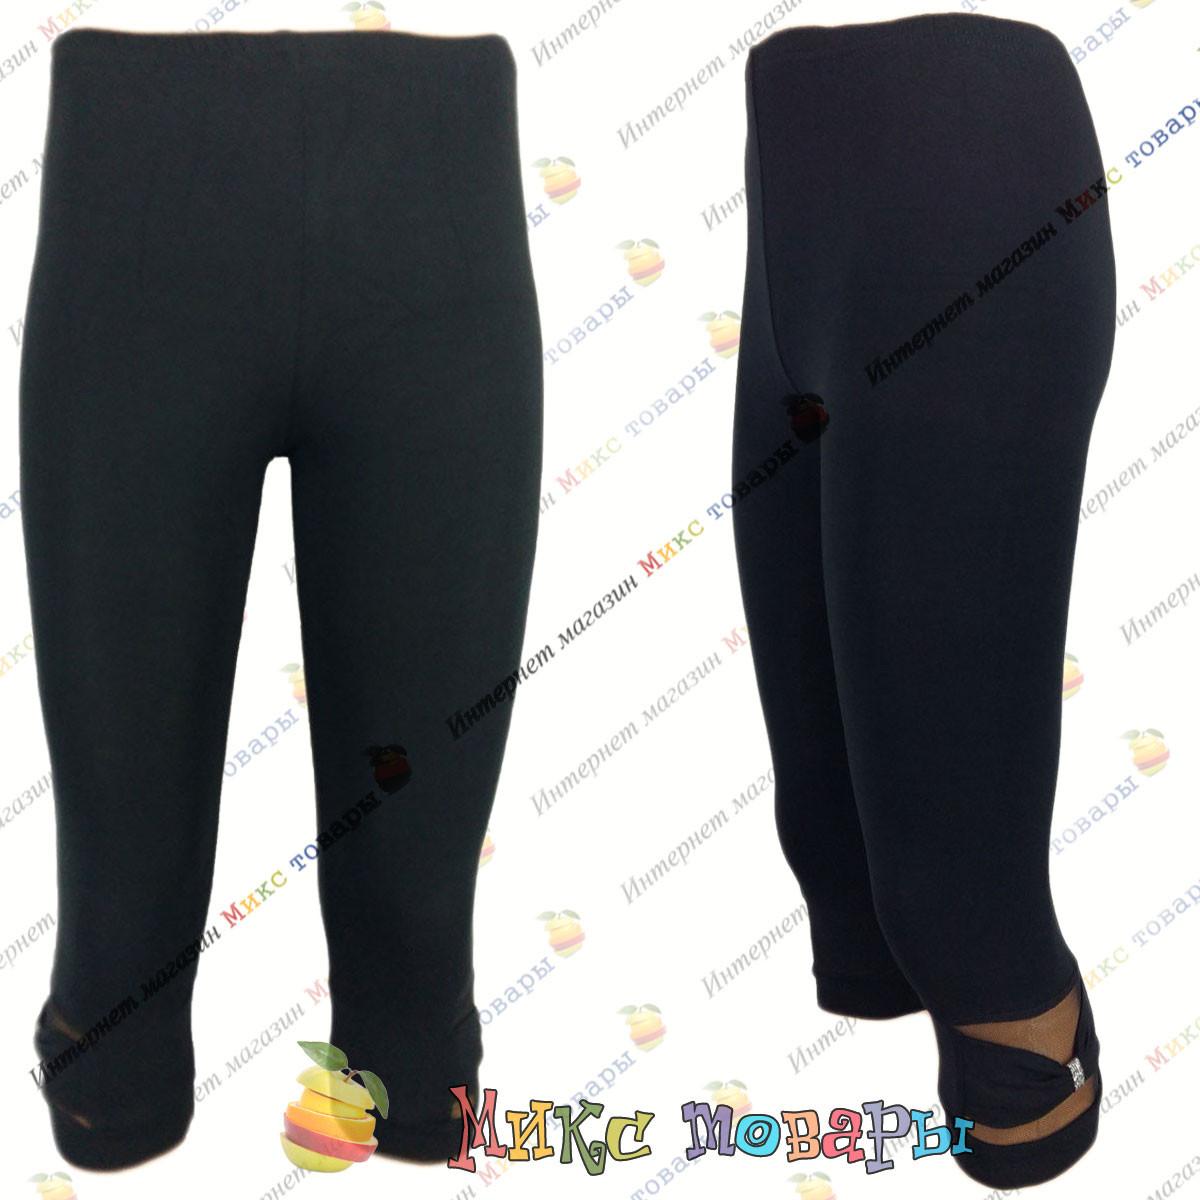 Чёрные Бриджи Бант и сетка для женщин от 46 до 50 размера (dn11013-2)